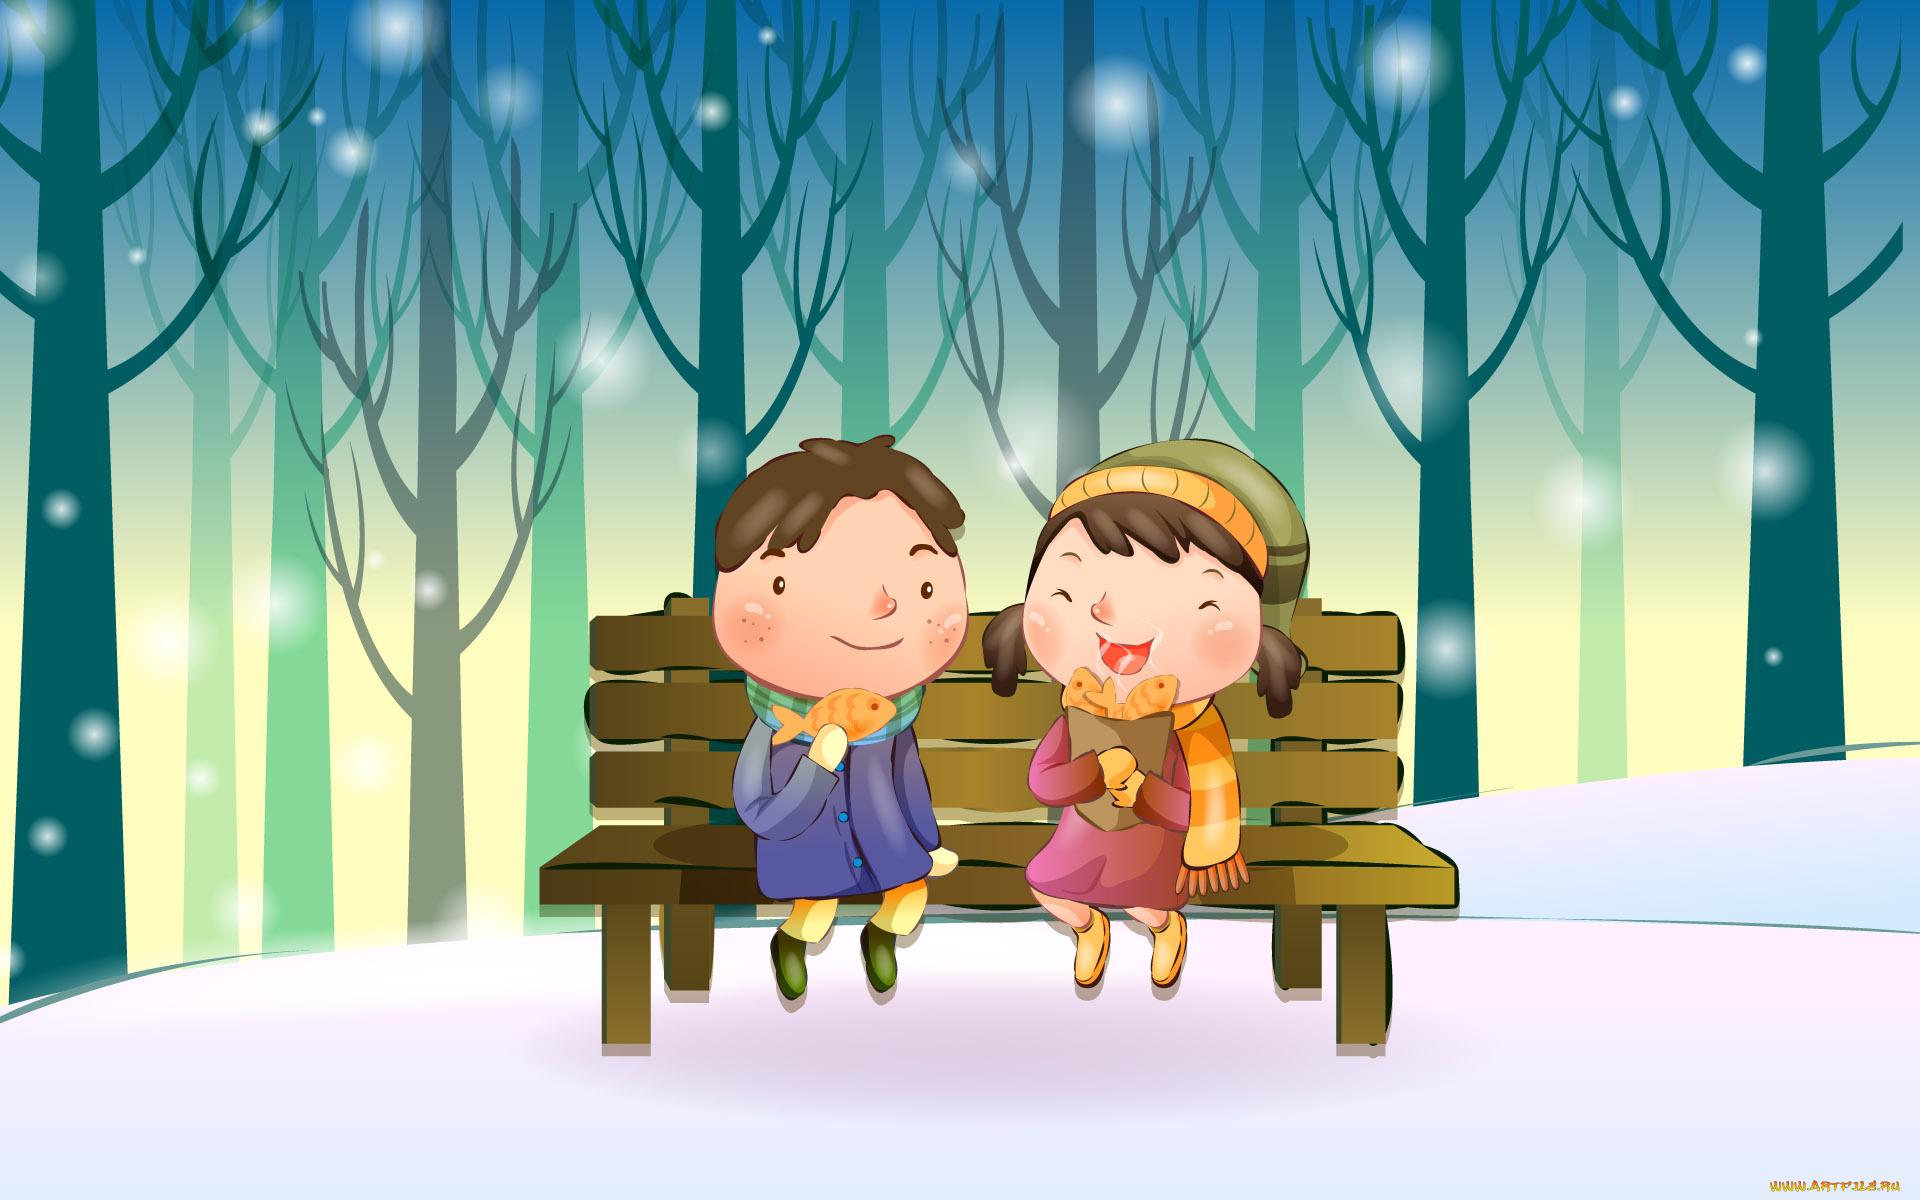 Картинки с детьми зимой нарисованные, для тети